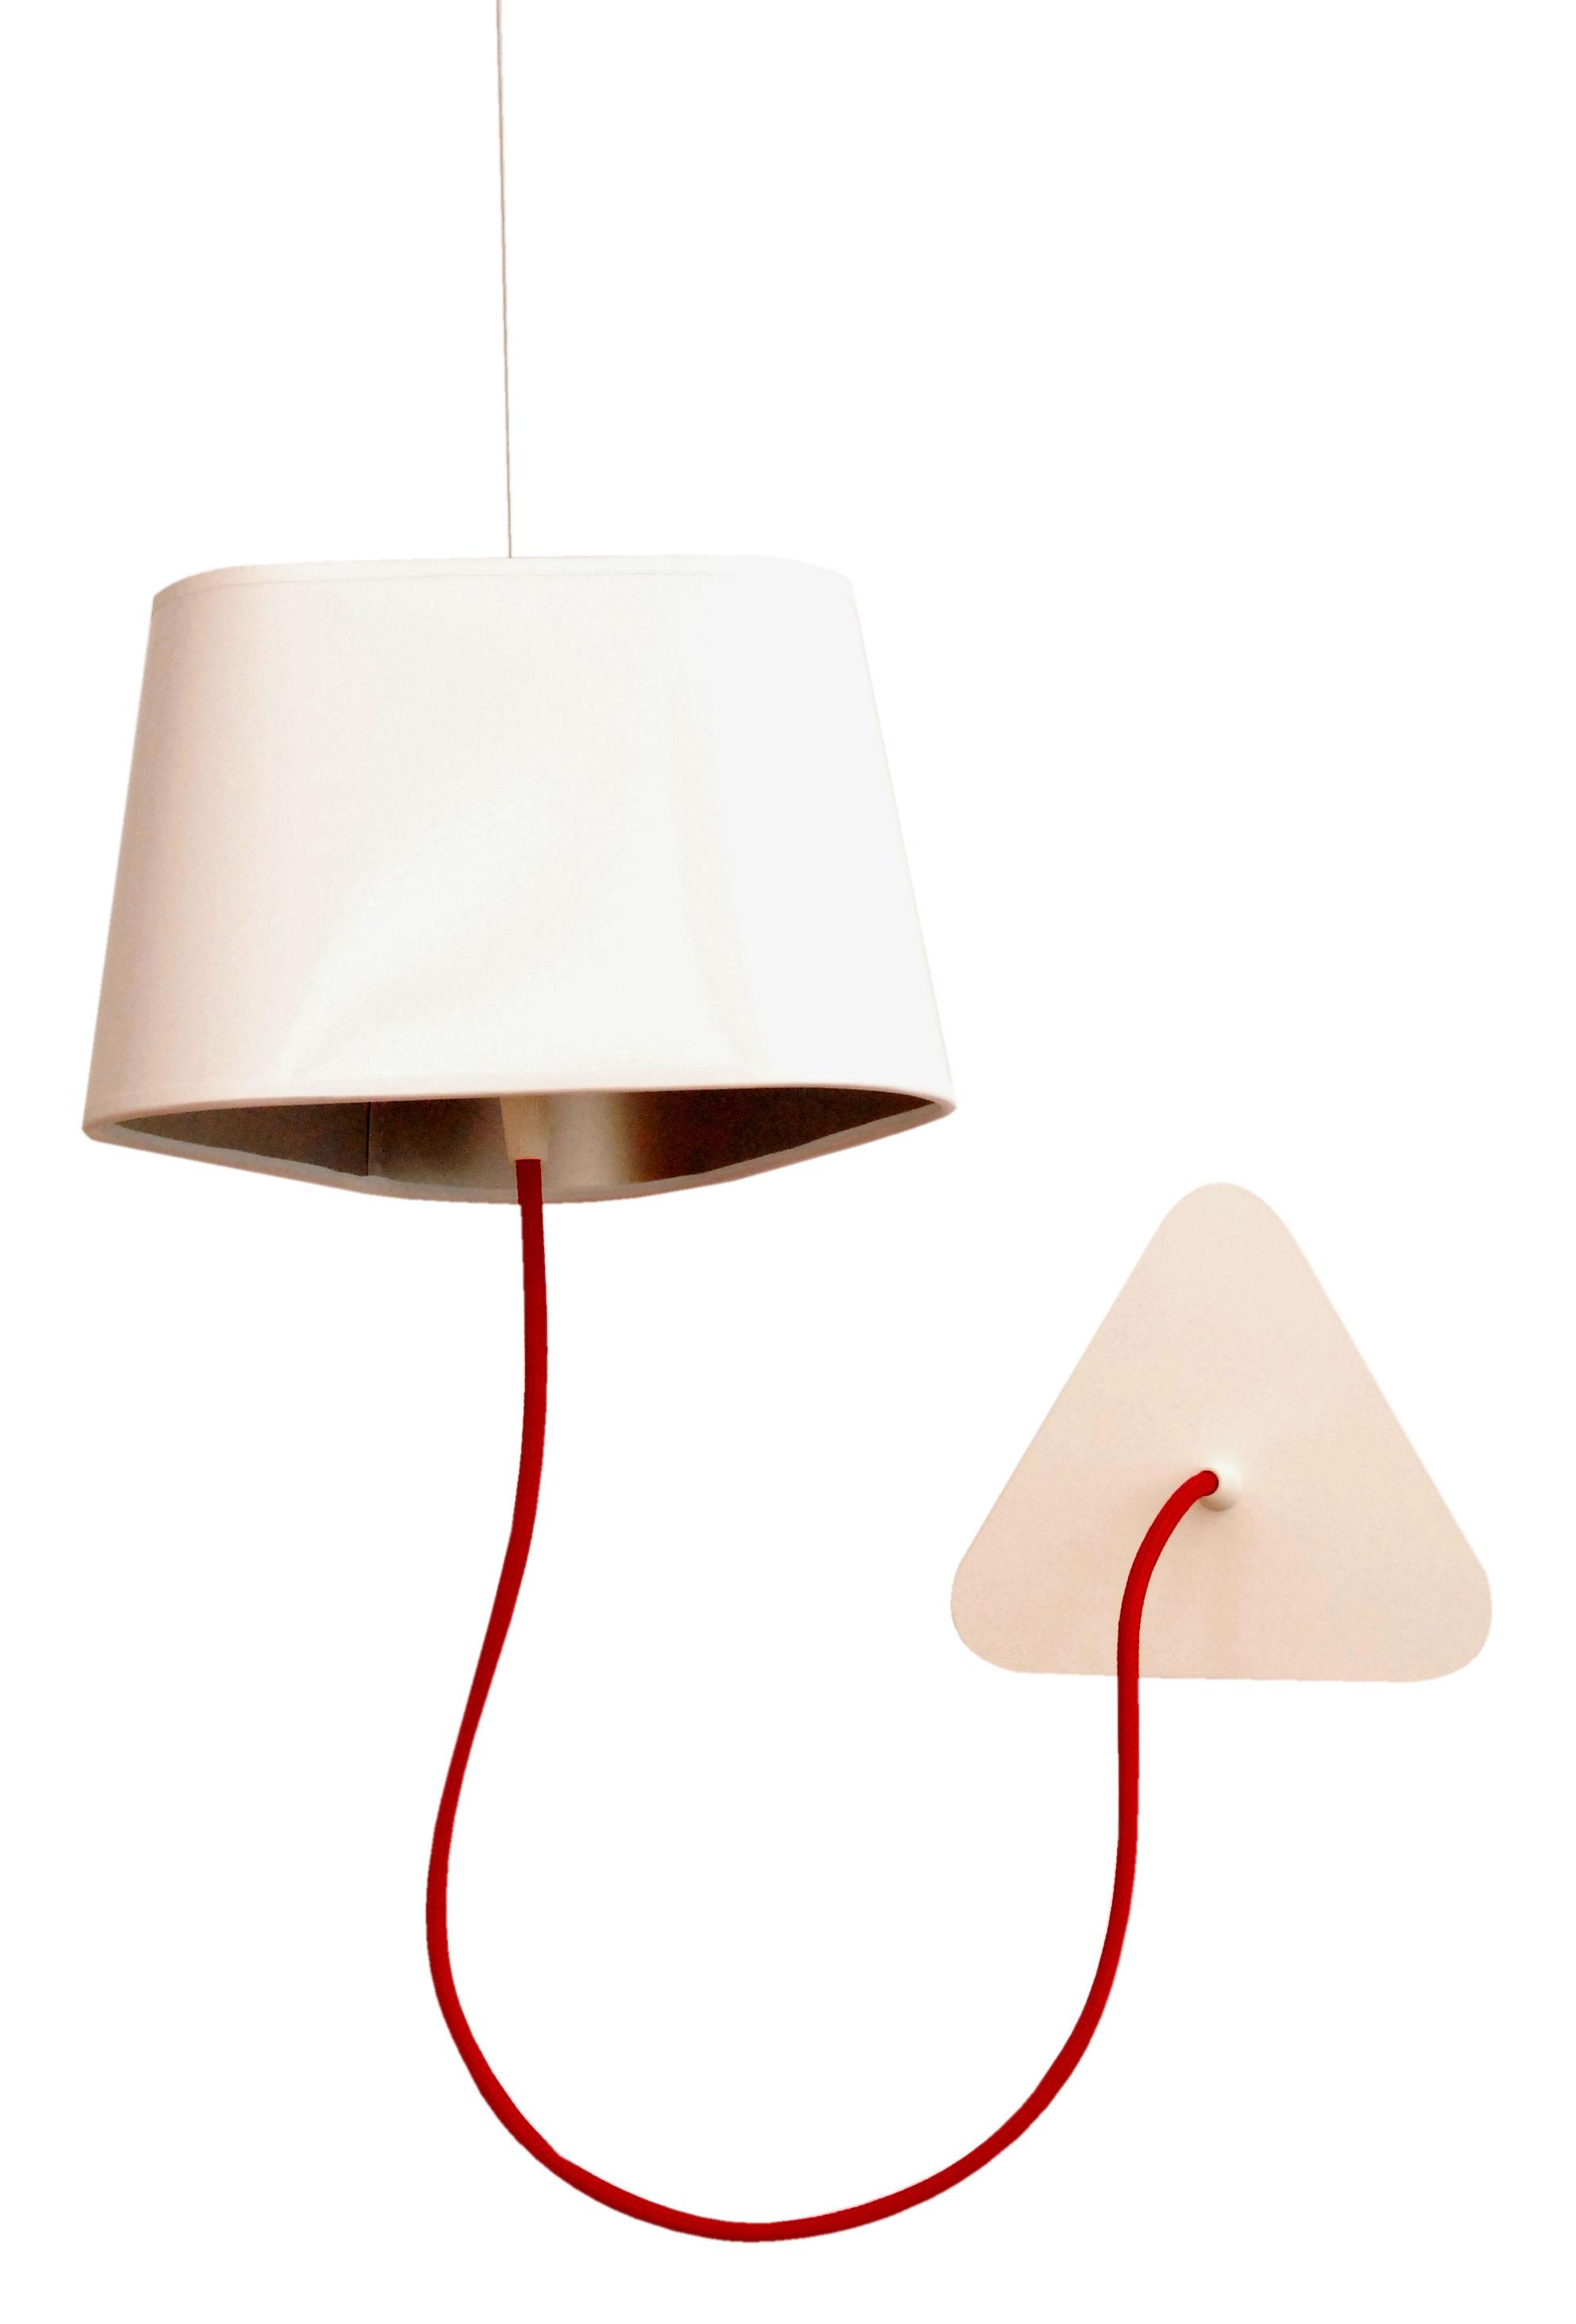 applique avec prise petit nuage l 24 cm fixation au plafond pvc blanc laqu int rieur. Black Bedroom Furniture Sets. Home Design Ideas